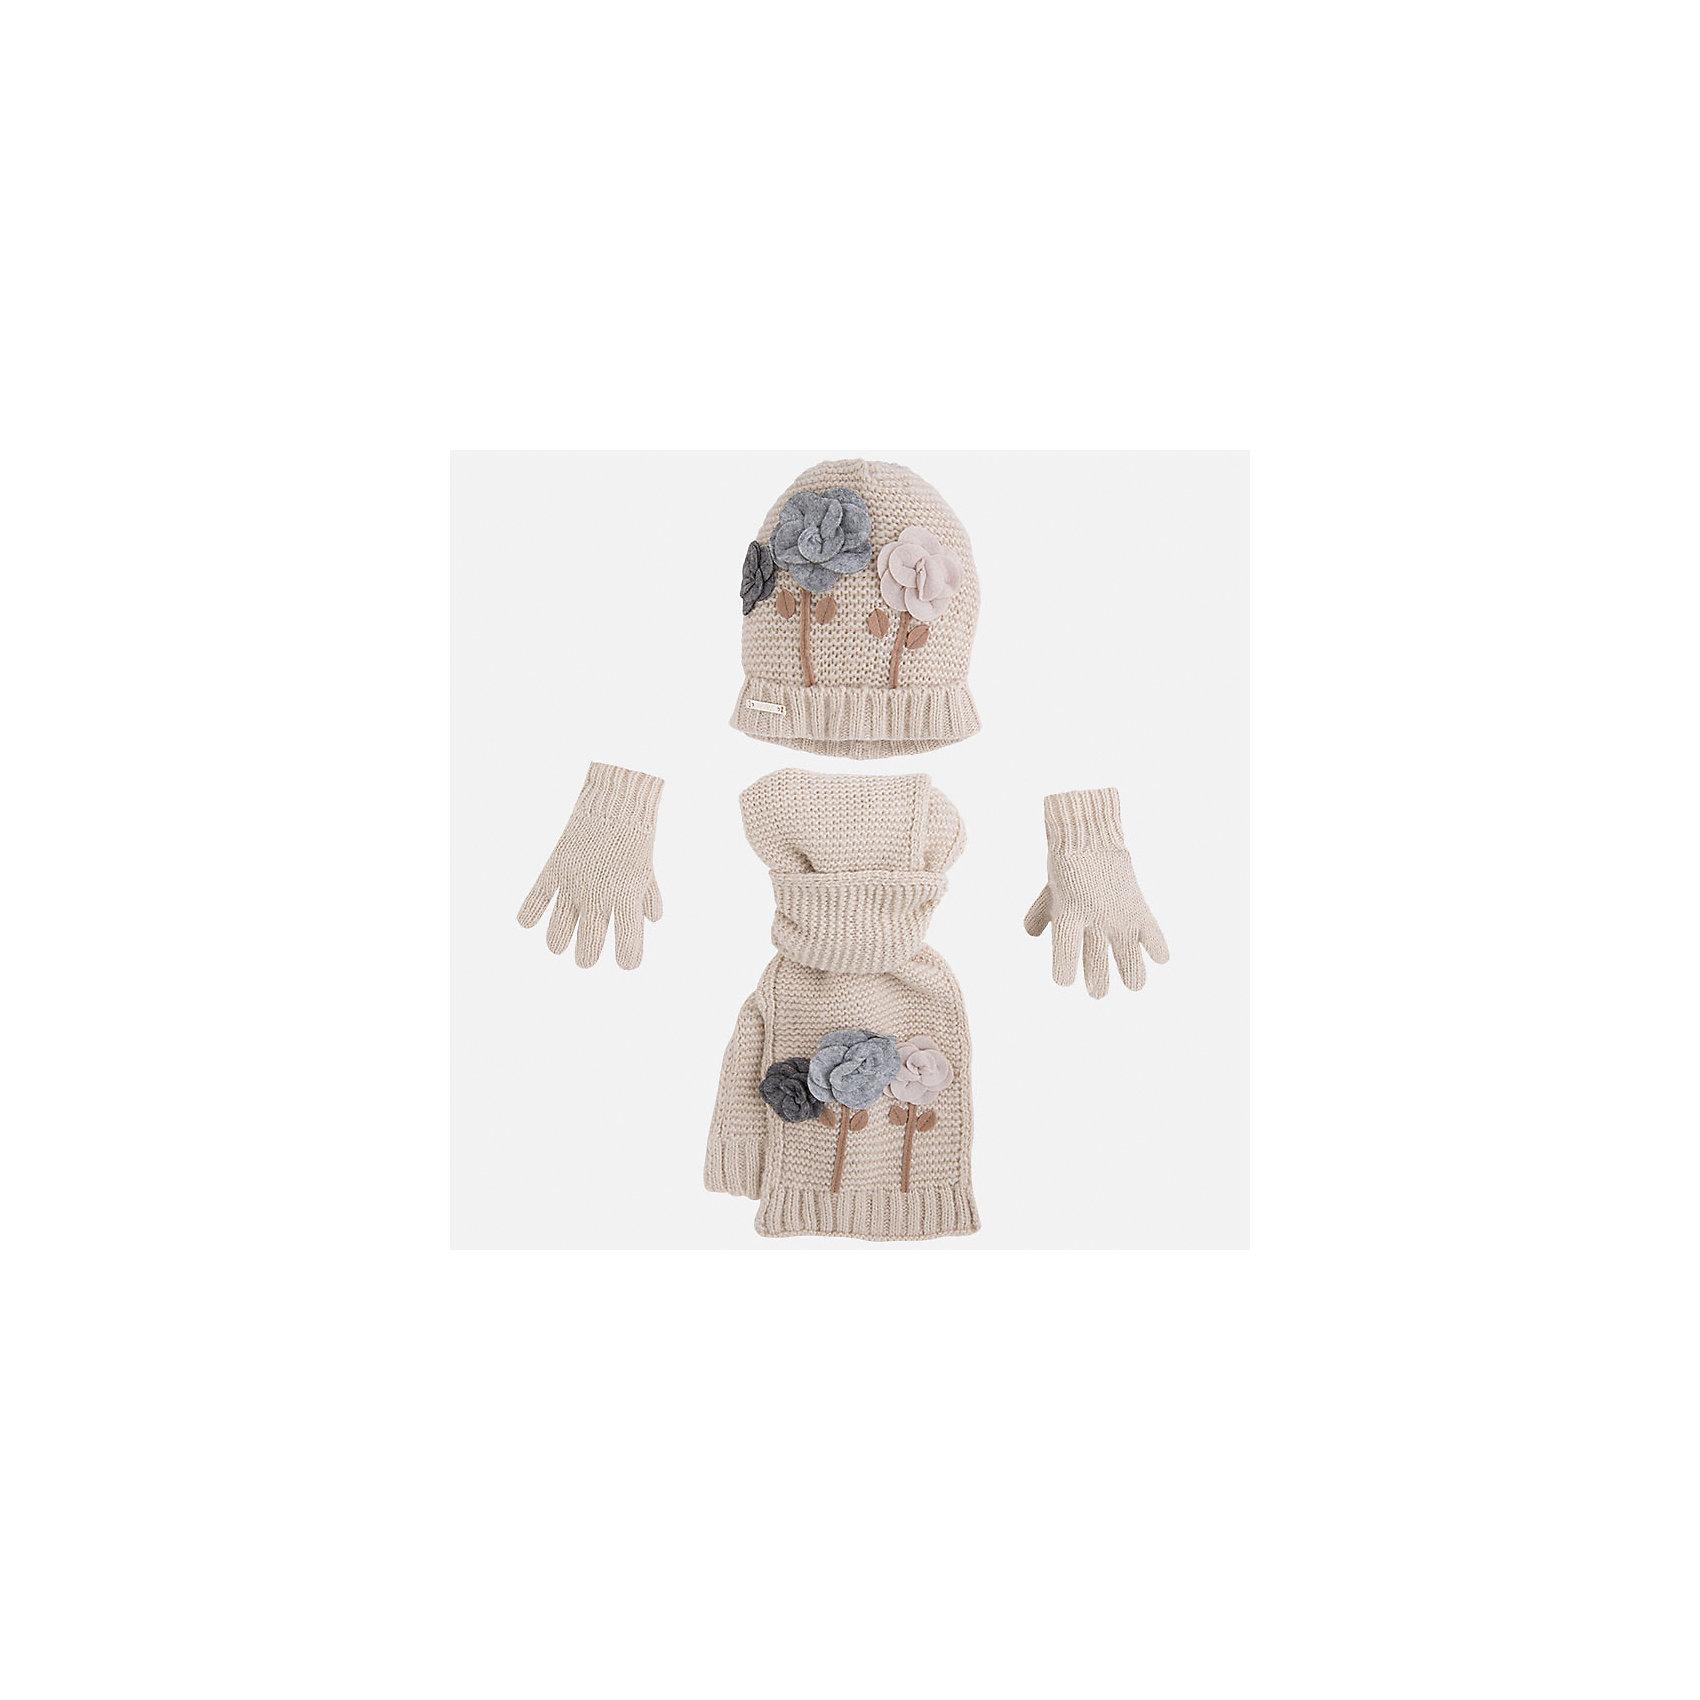 Комплект:шапка, шарф и перчатки для девочки MayoralКомплект из шапки, шарфа и перчаток для девочки от известного испанского бренда Mayoral(Майорал). Все изделия изготовлены из качественных гипоаллергенных тканей, приятных на ощупь. Шапка и шарф декорированы аппликацией цветы. С этим комплектом девочке будет очень тепло и комфортно!<br><br>Дополнительная информация:<br>Состав: 87% акрил, 13% полиамид<br>Цвет: молочный<br>Комплект из шарфа, шапки и перчаток Mayoral(Майорал) можно приобрести в нашем интернет-магазине.<br><br>Ширина мм: 89<br>Глубина мм: 117<br>Высота мм: 44<br>Вес г: 155<br>Цвет: бежевый<br>Возраст от месяцев: 48<br>Возраст до месяцев: 72<br>Пол: Женский<br>Возраст: Детский<br>Размер: 52-54,54-56,48-50<br>SKU: 4847758